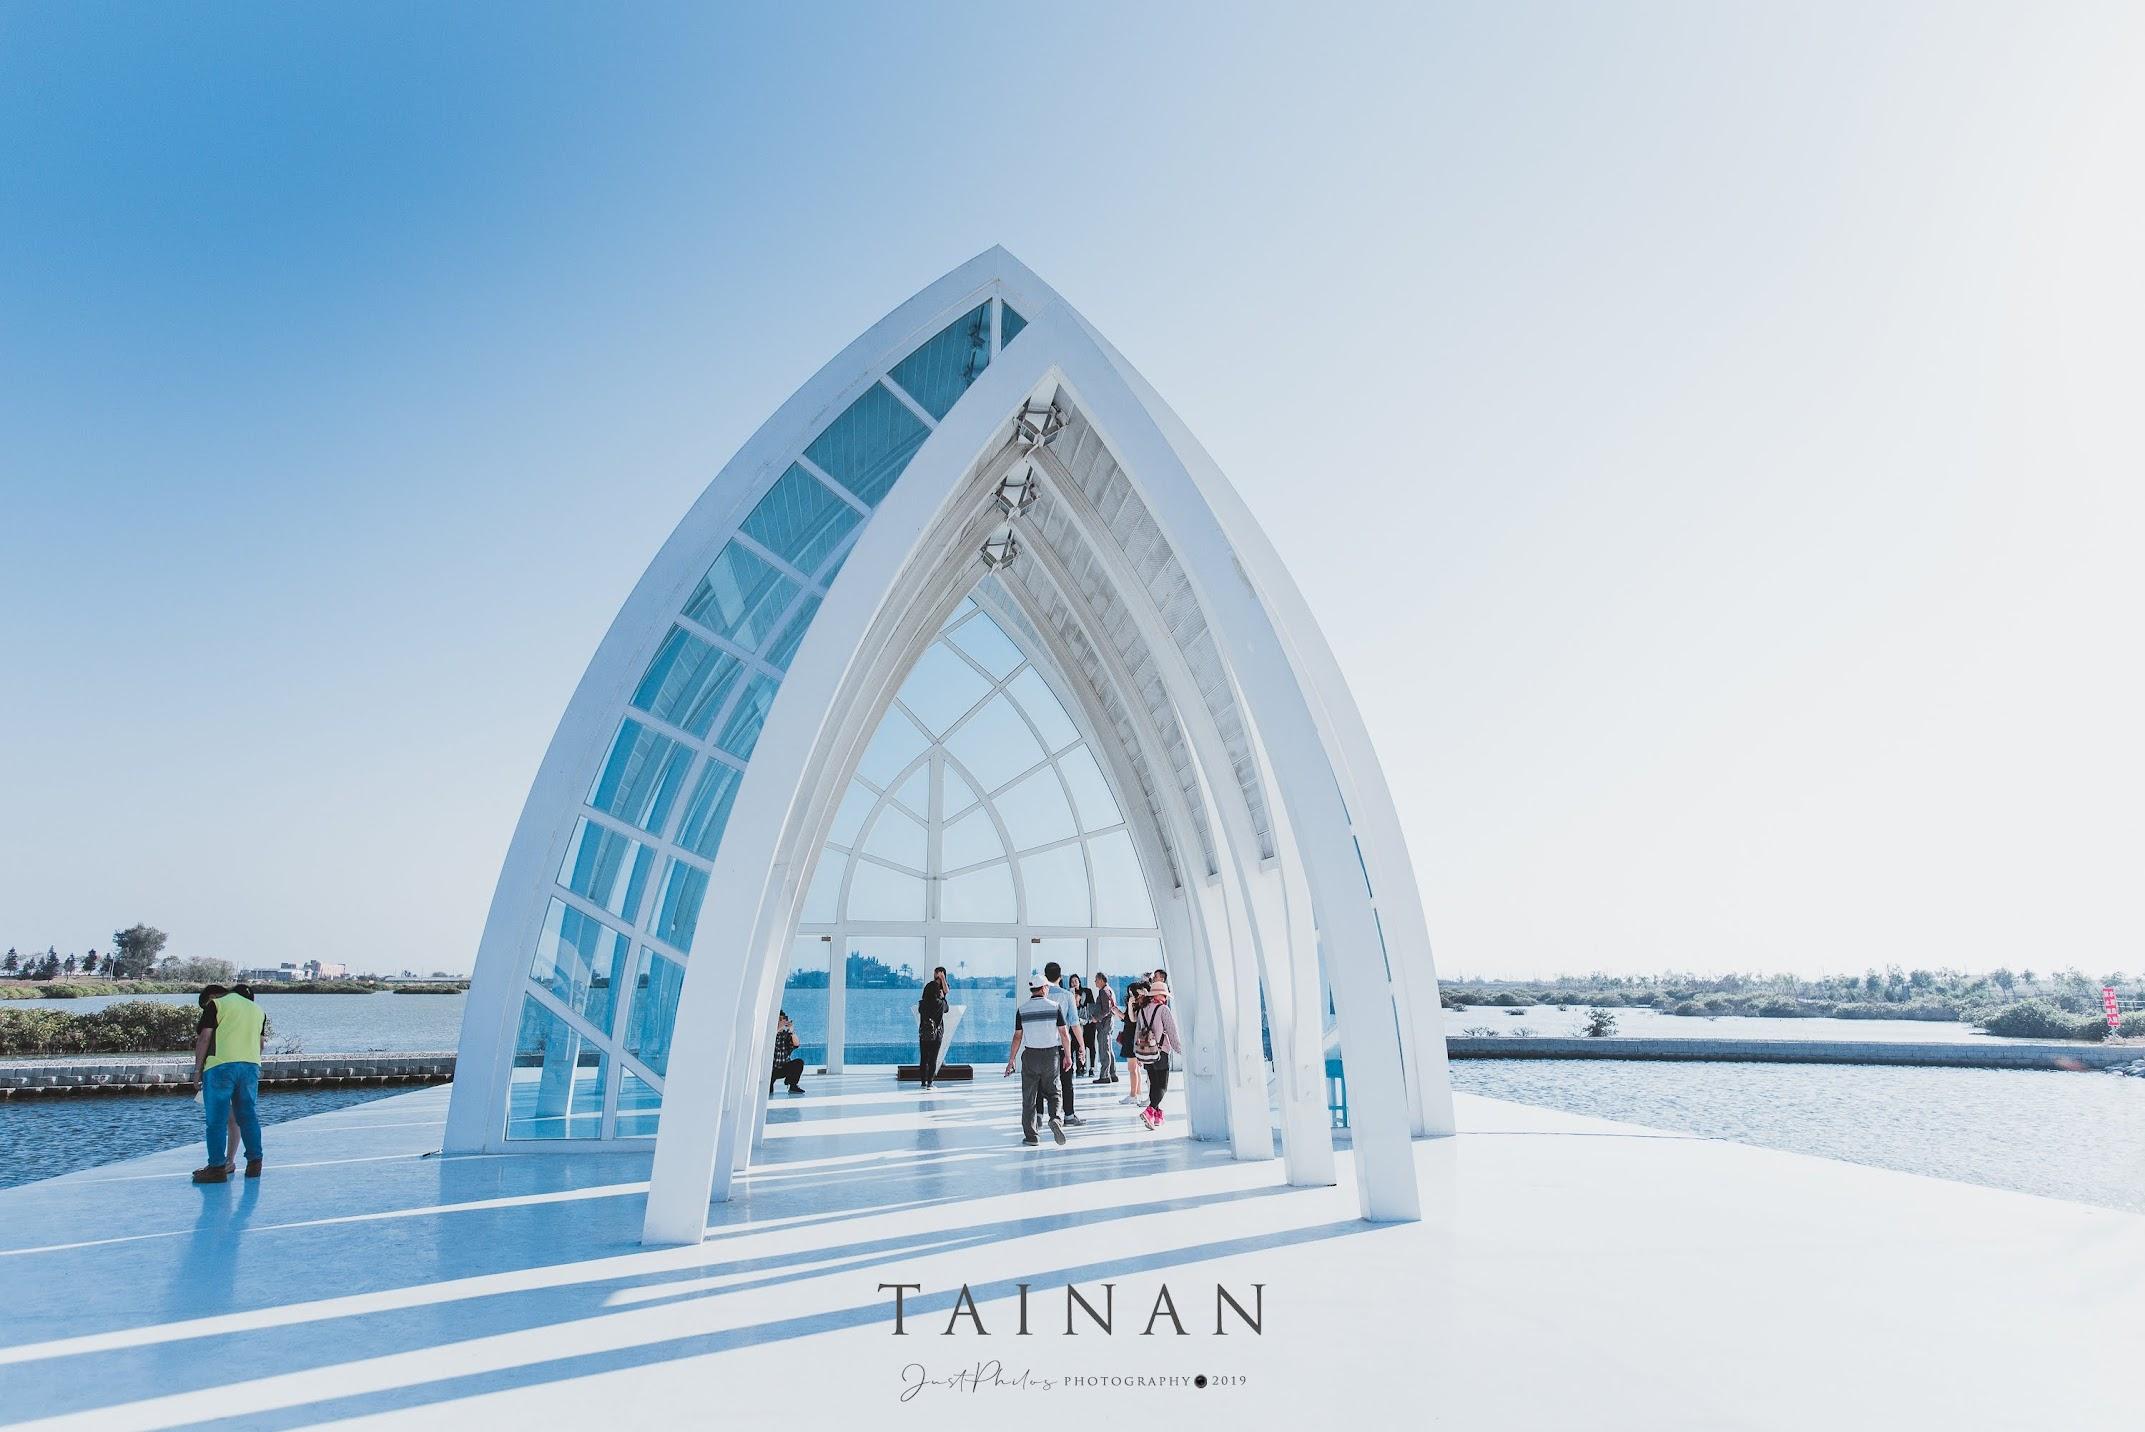 北門水晶教堂是採大片玻璃帷幕設計的教堂,素有「北門婚紗美地」之稱,也是台灣第一座夢幻教堂。